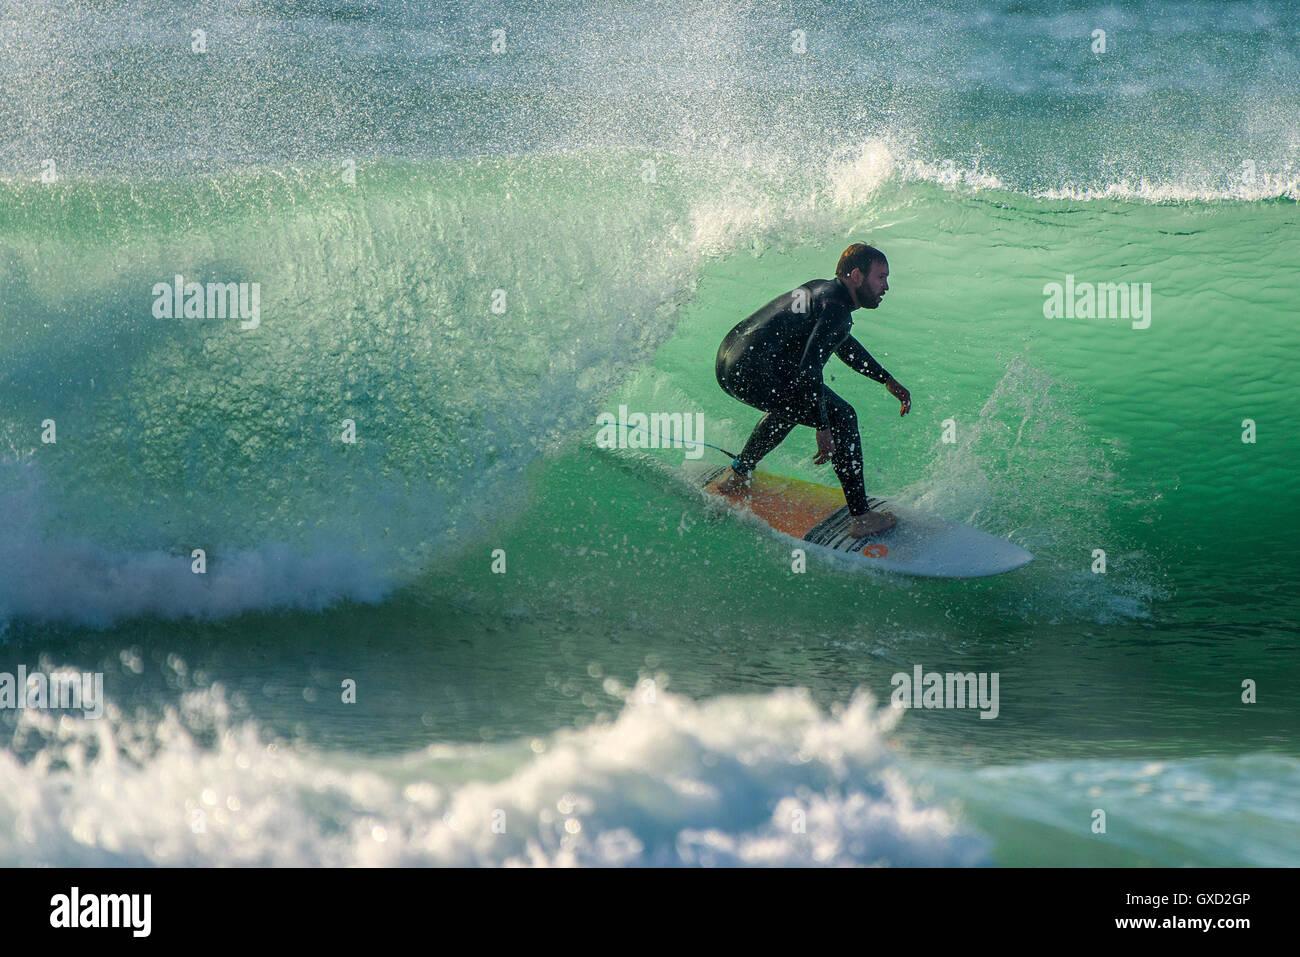 Ein Surfer in spektakulären Aktion am Fistral in Newquay, Cornwall. VEREINIGTES KÖNIGREICH. Stockbild